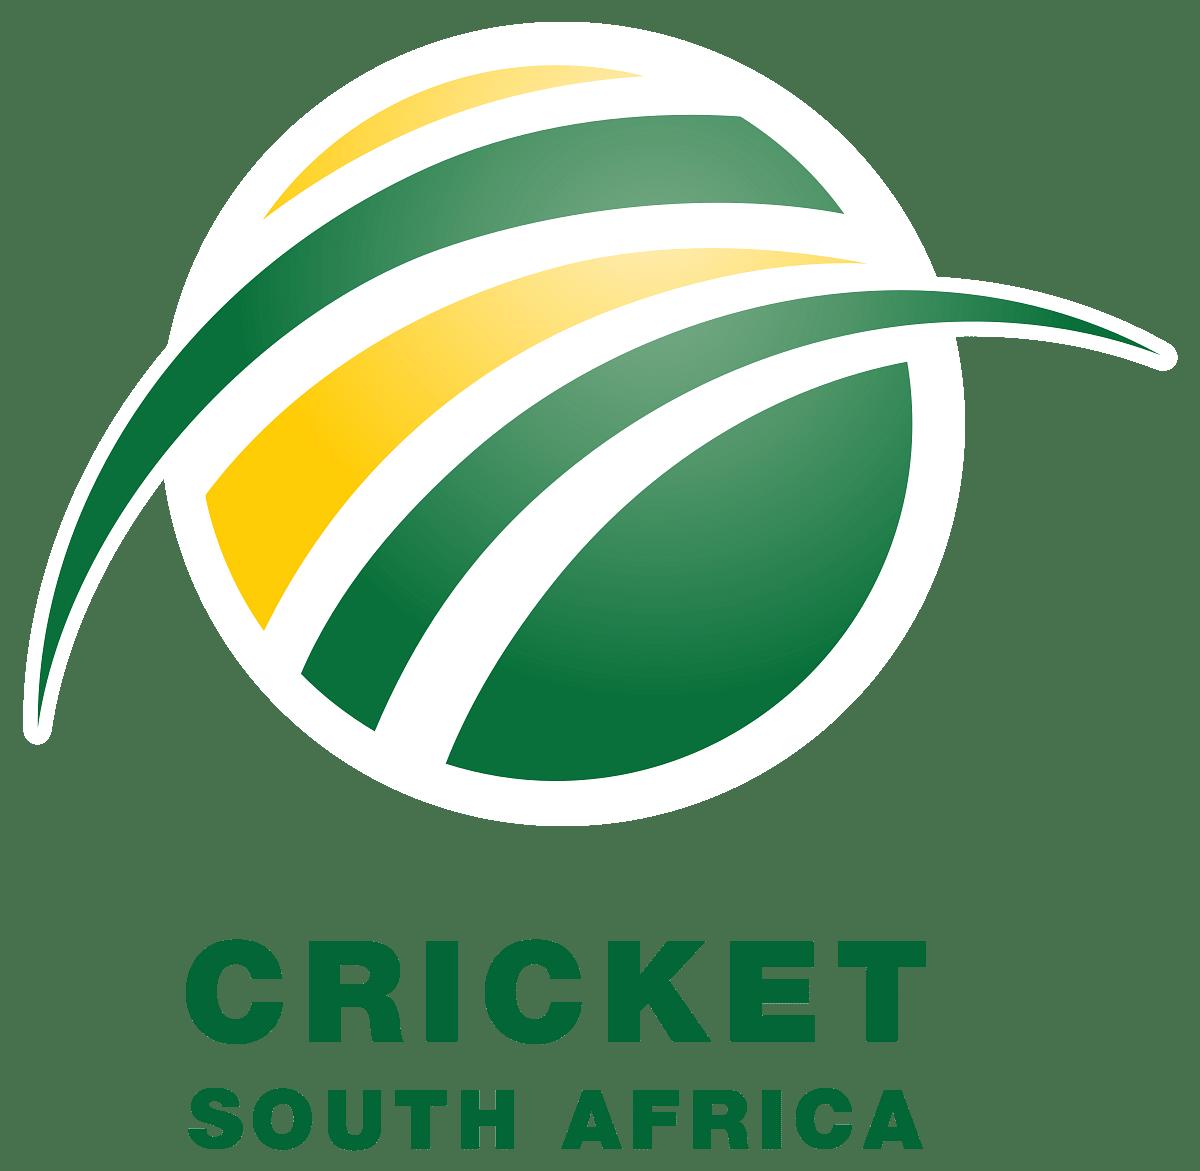 एक अनोखे प्रारूप के साथ होगी दक्षिण अफ्रीका में क्रिकेट की वापसी